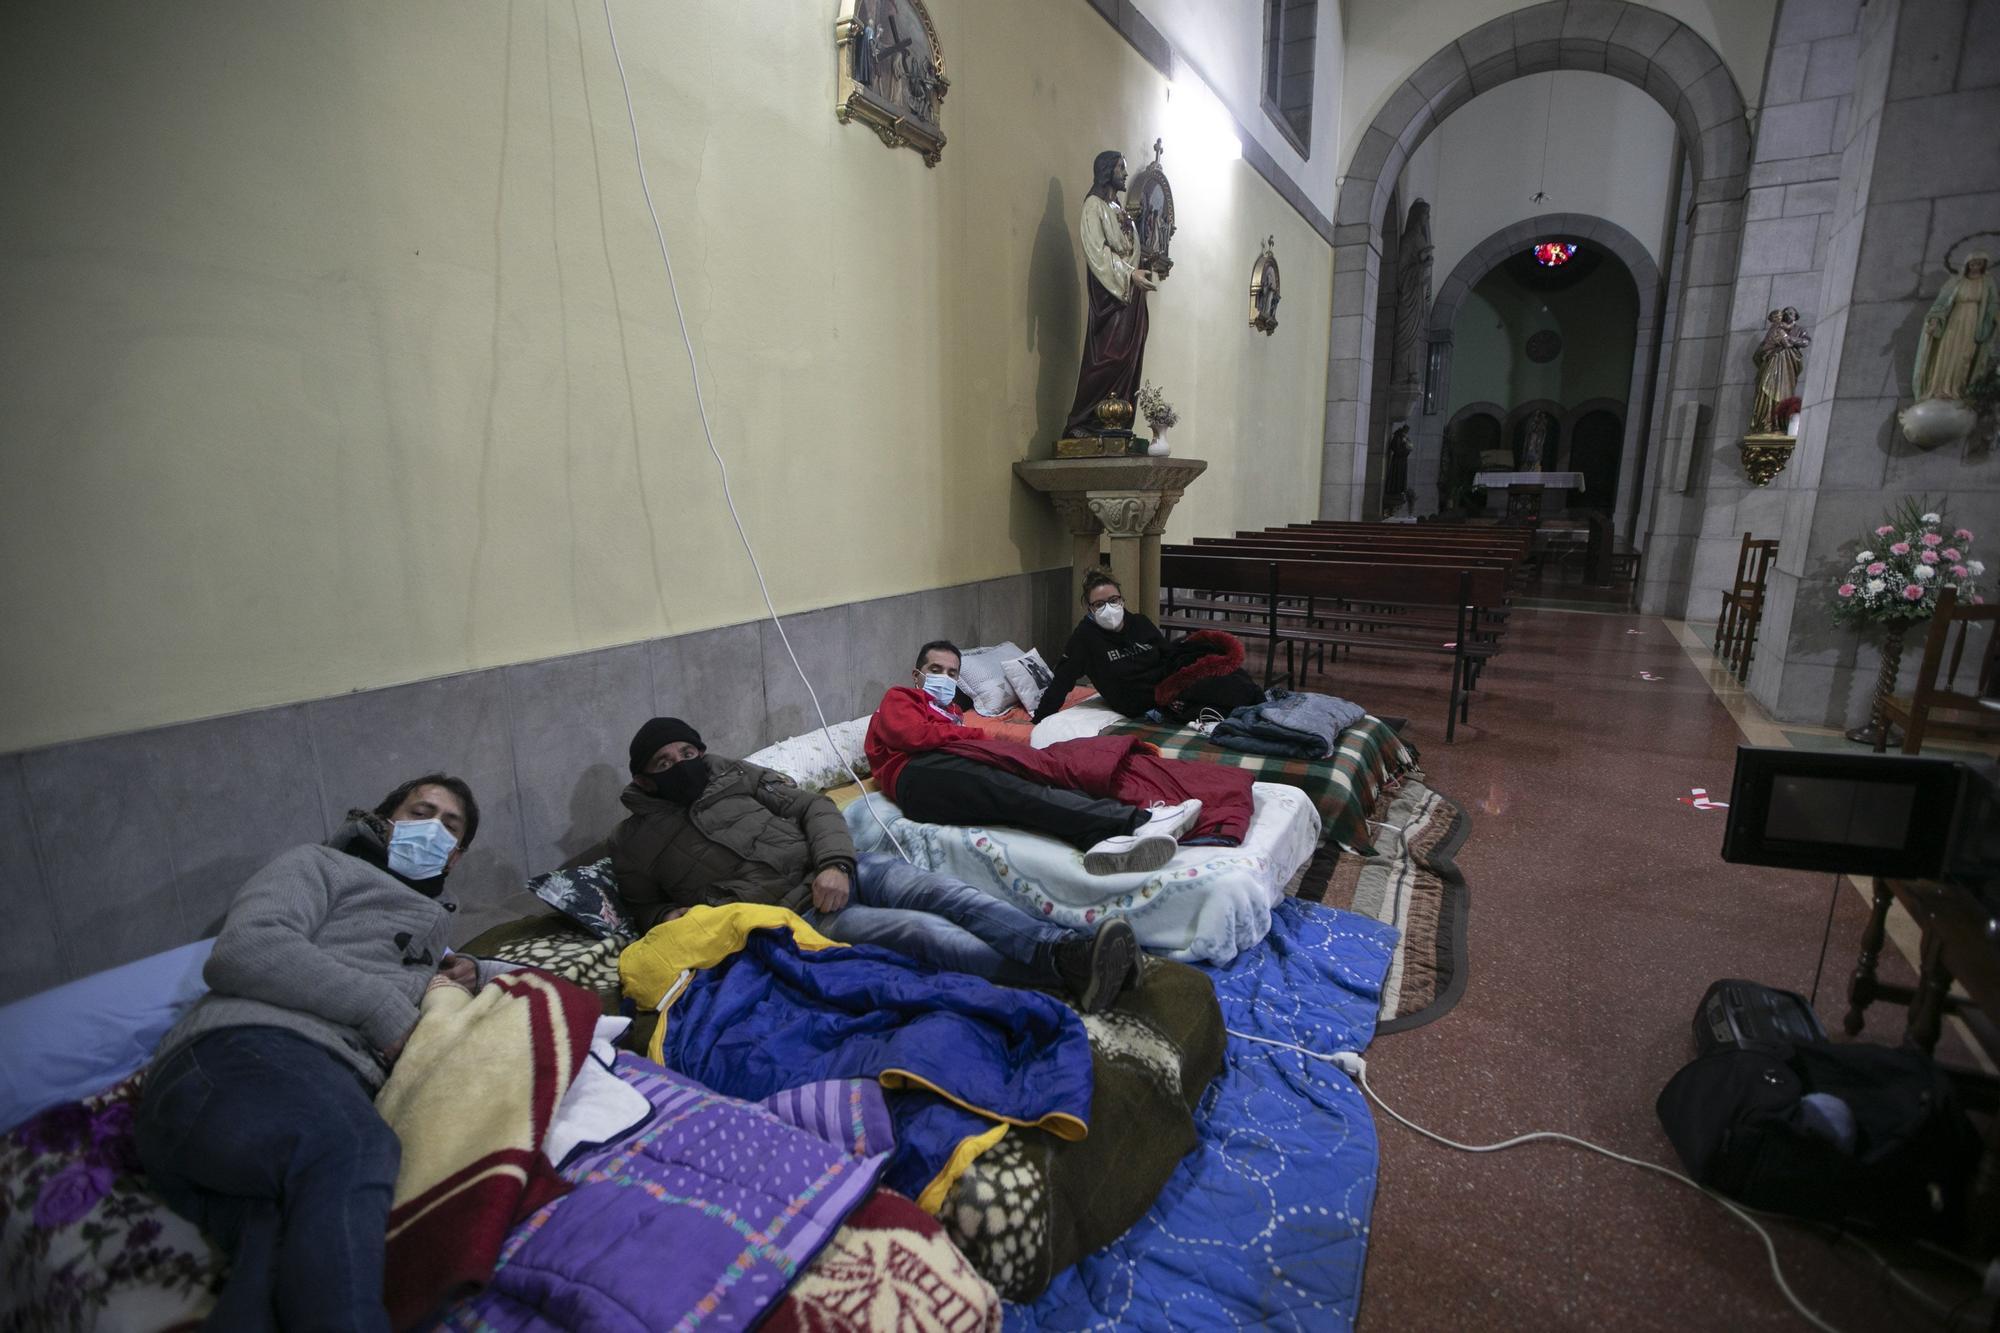 Encierro de trabajadores de ATN Nalón en la iglesia de El Entrego